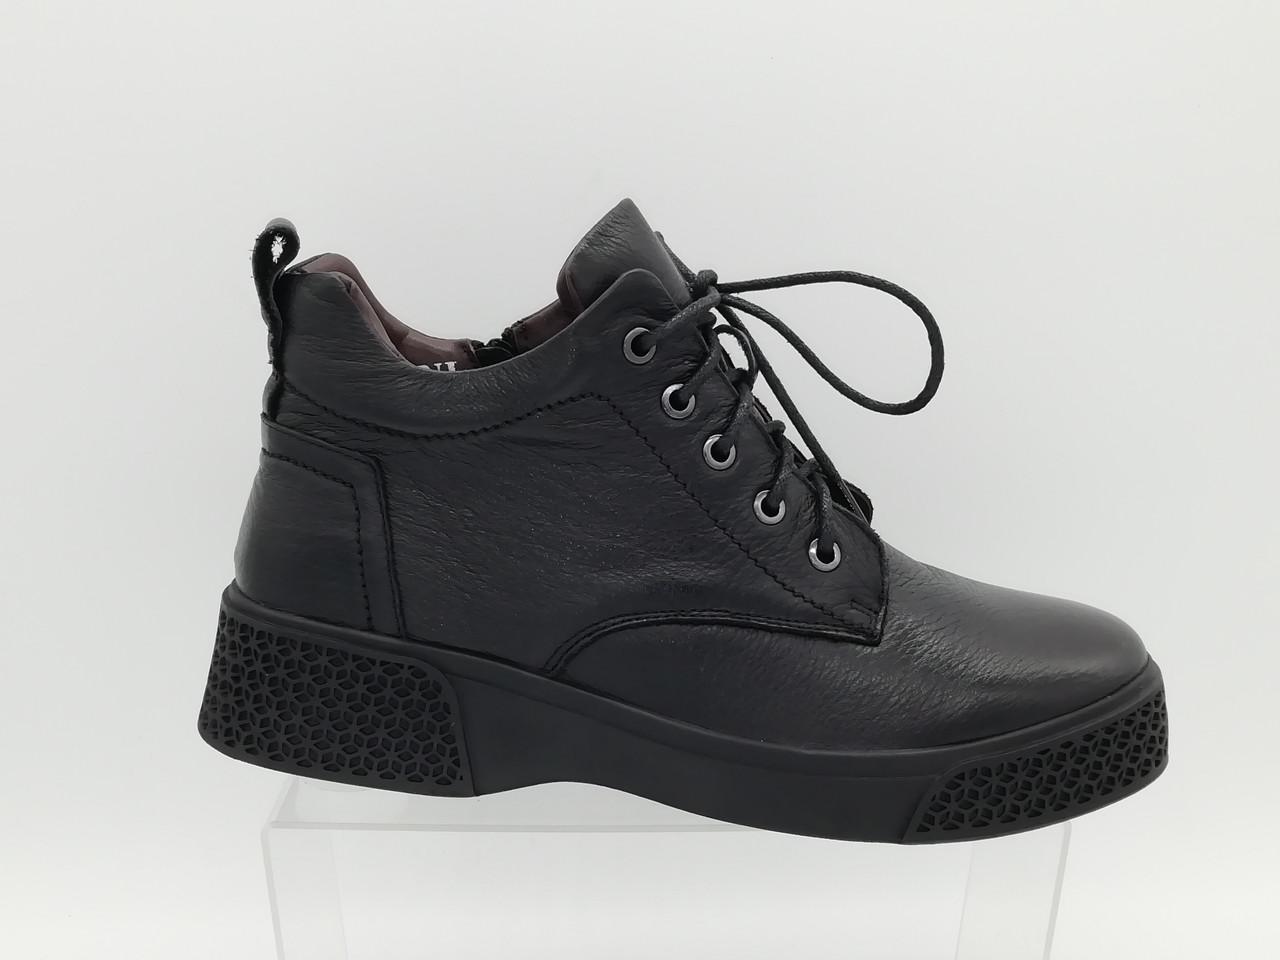 Черные кожаные ботинки. Большие размеры (40 - 43).